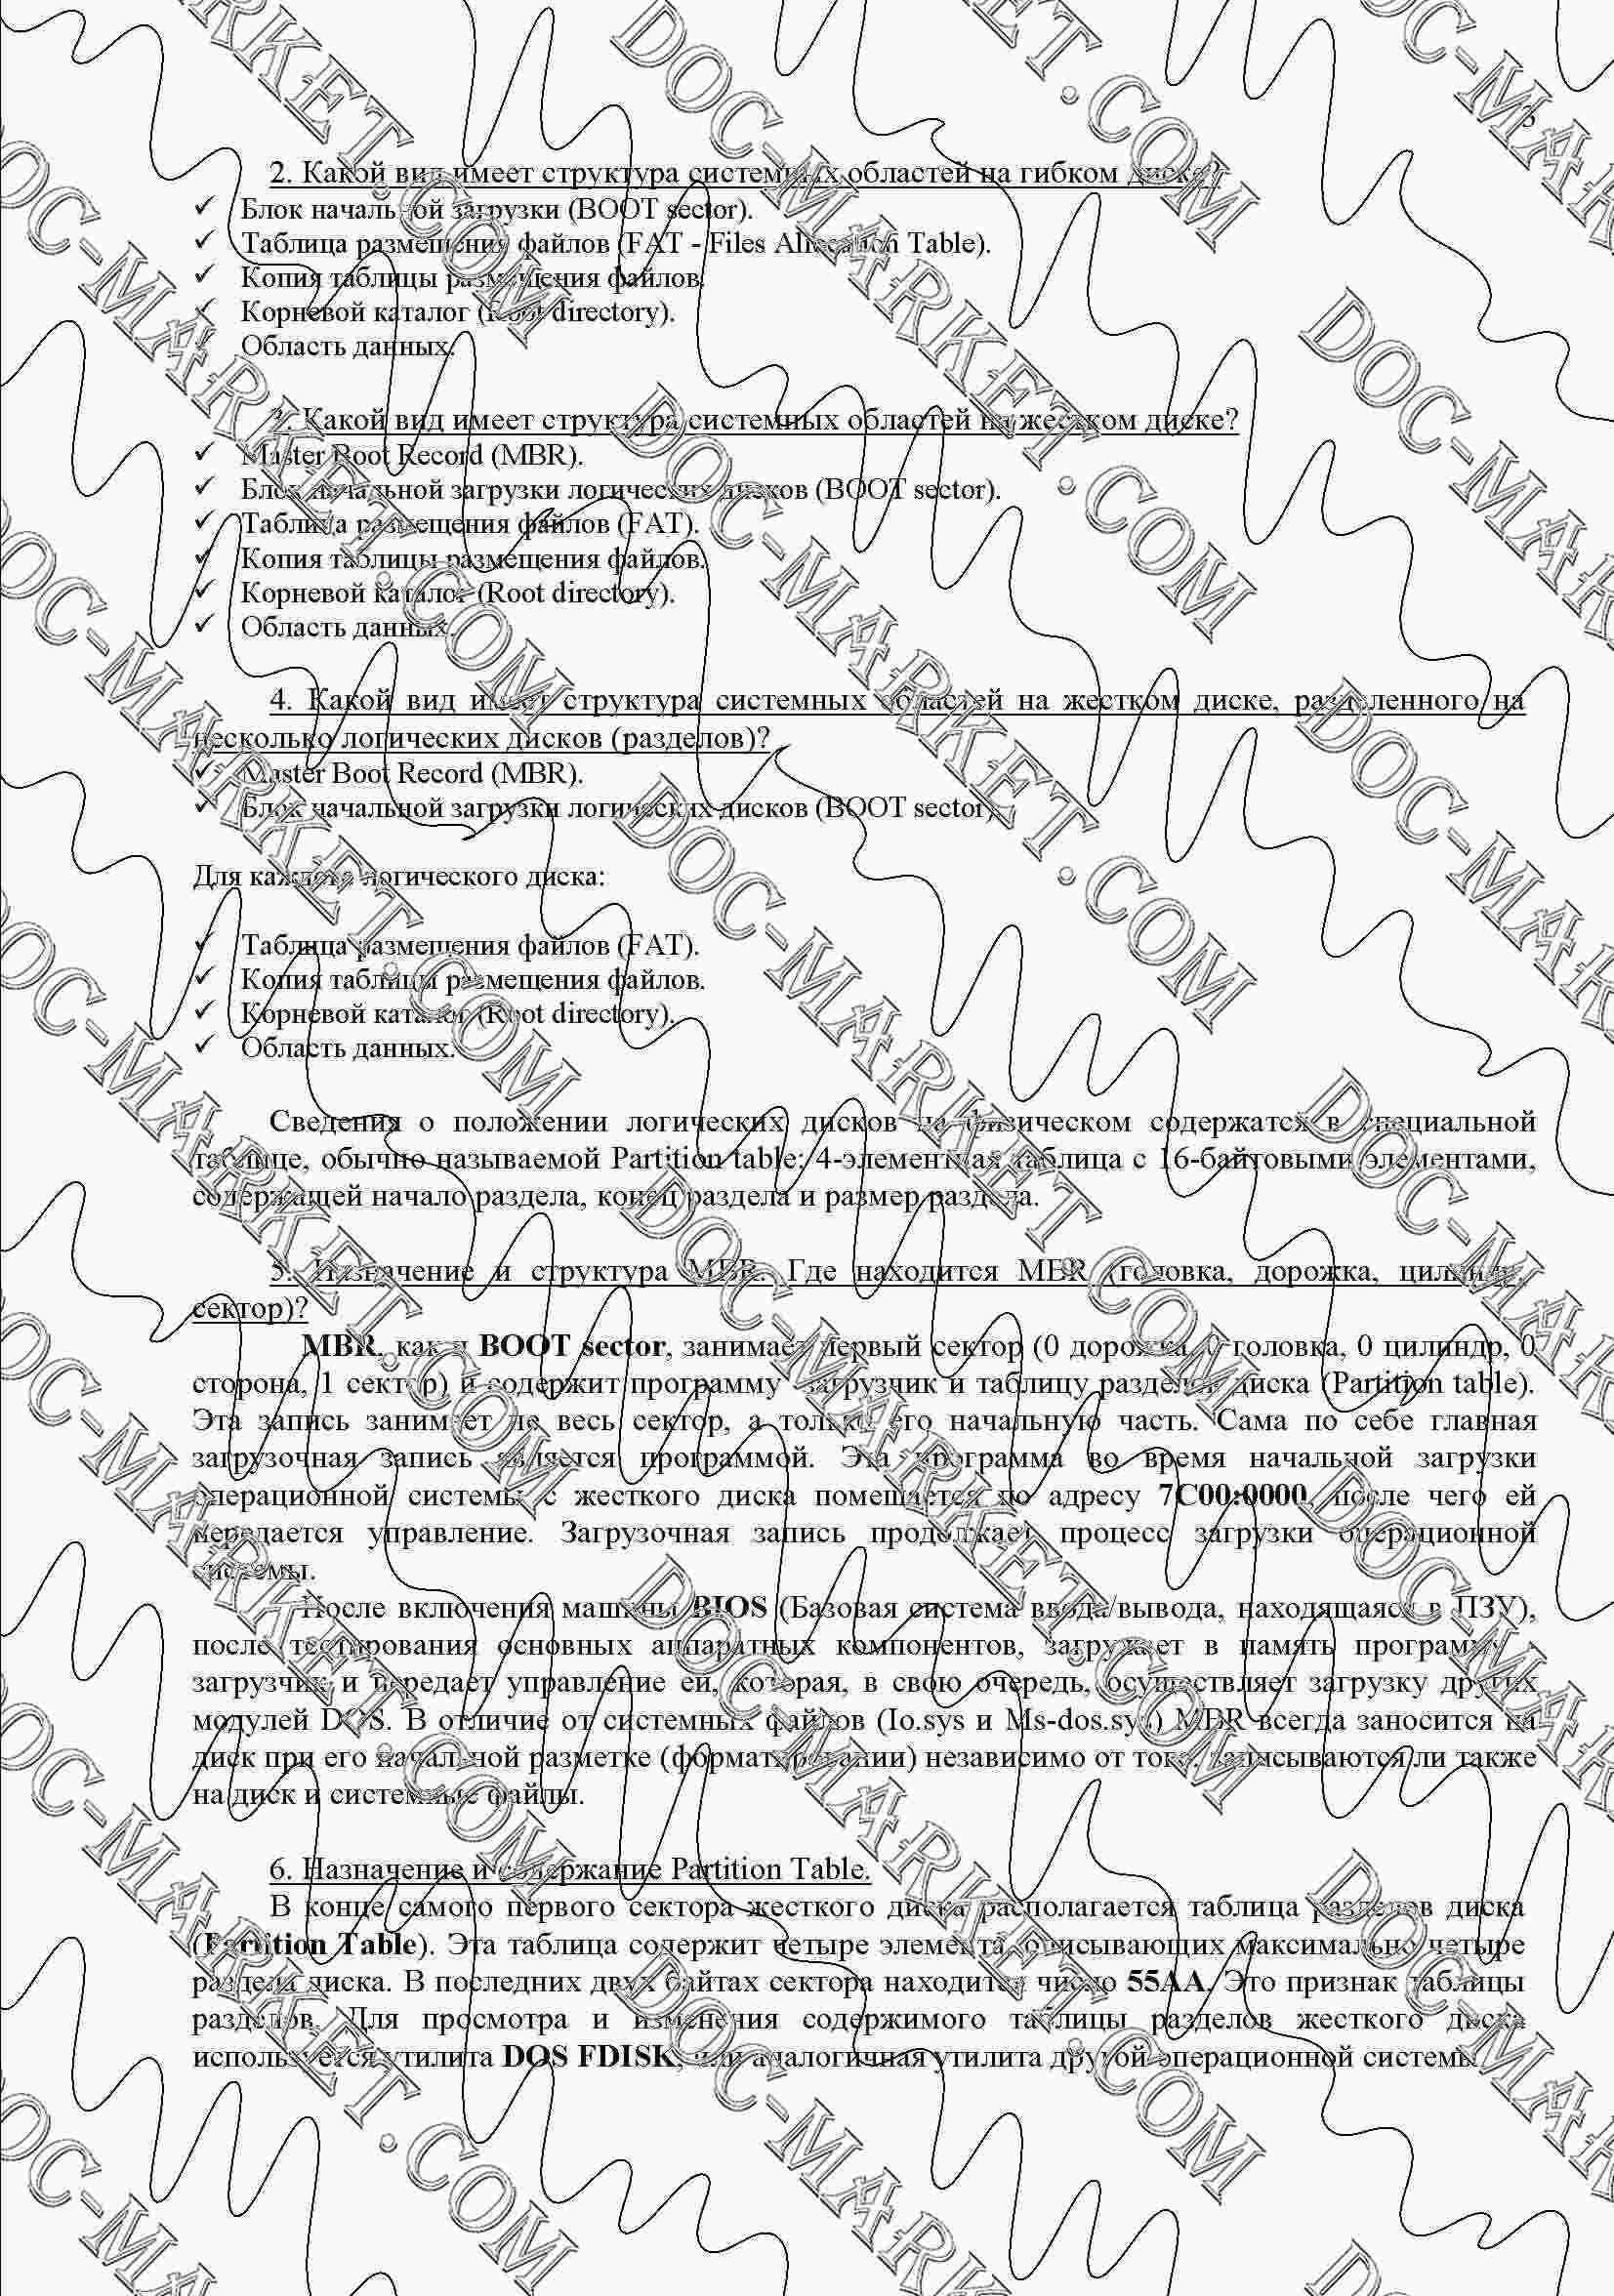 Анализ деятельности РУП  Минский тракторный завод    отчет.